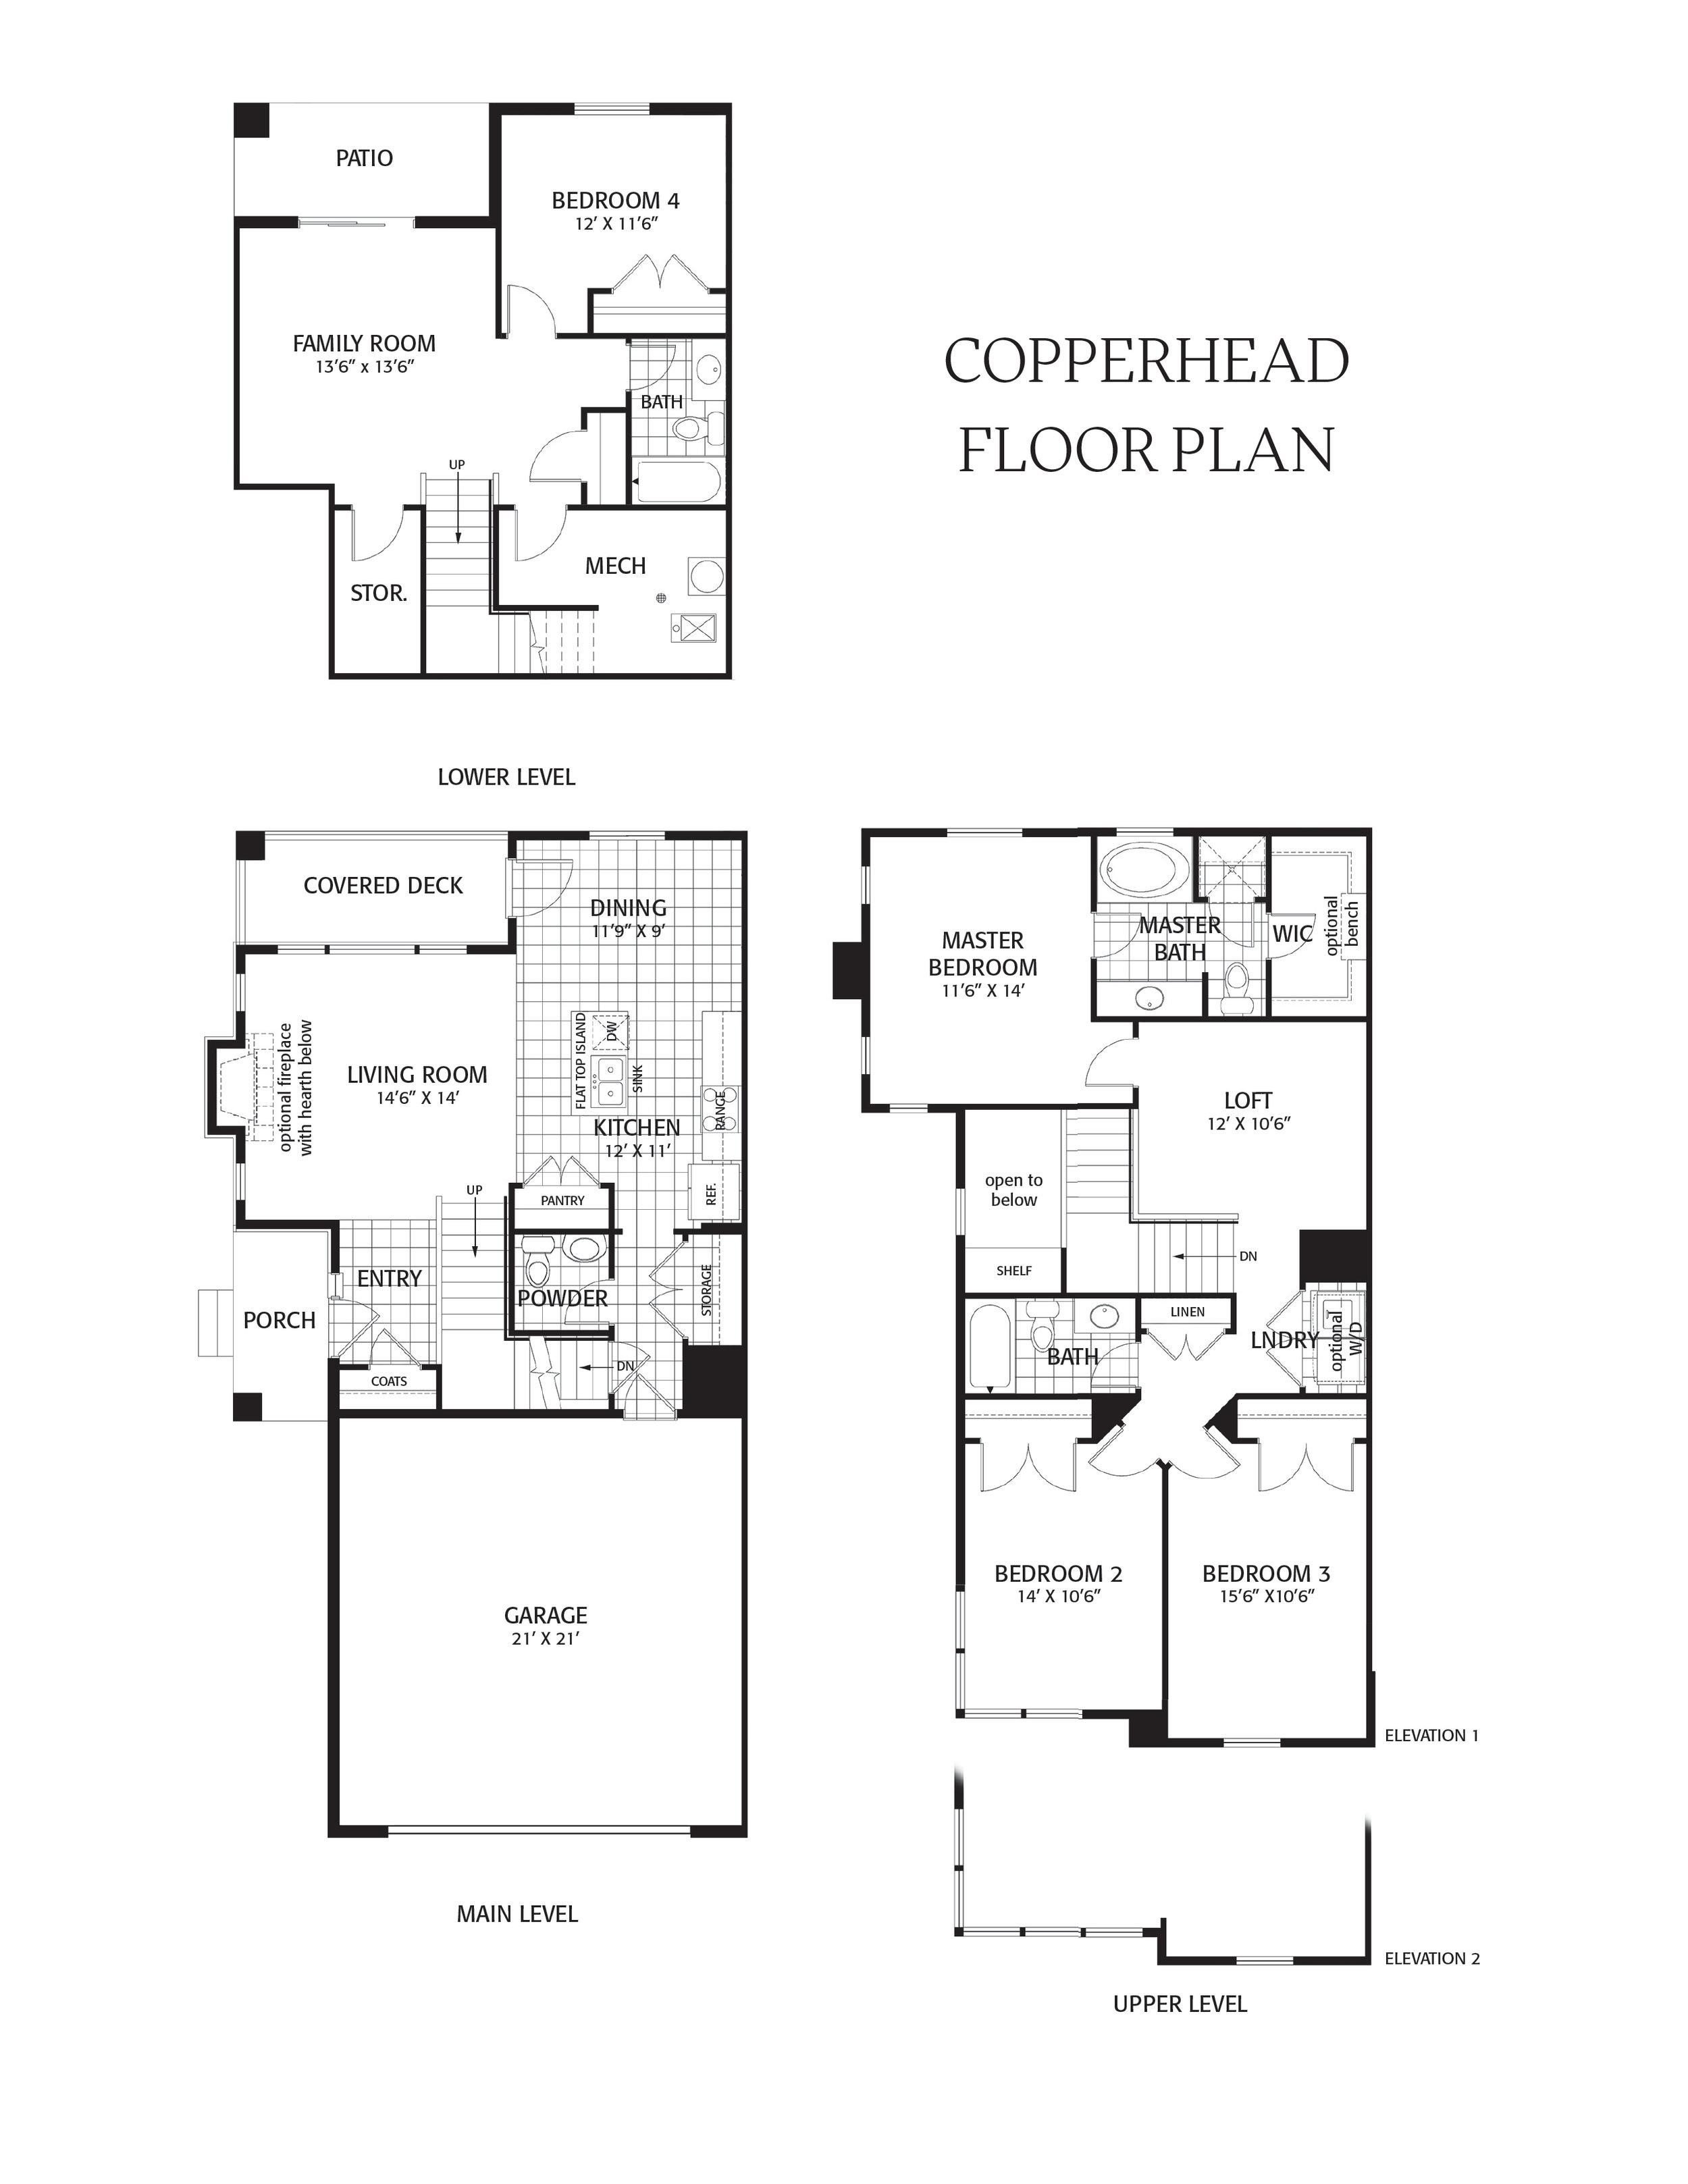 DWR Copperhead Unbranded 2.jpg